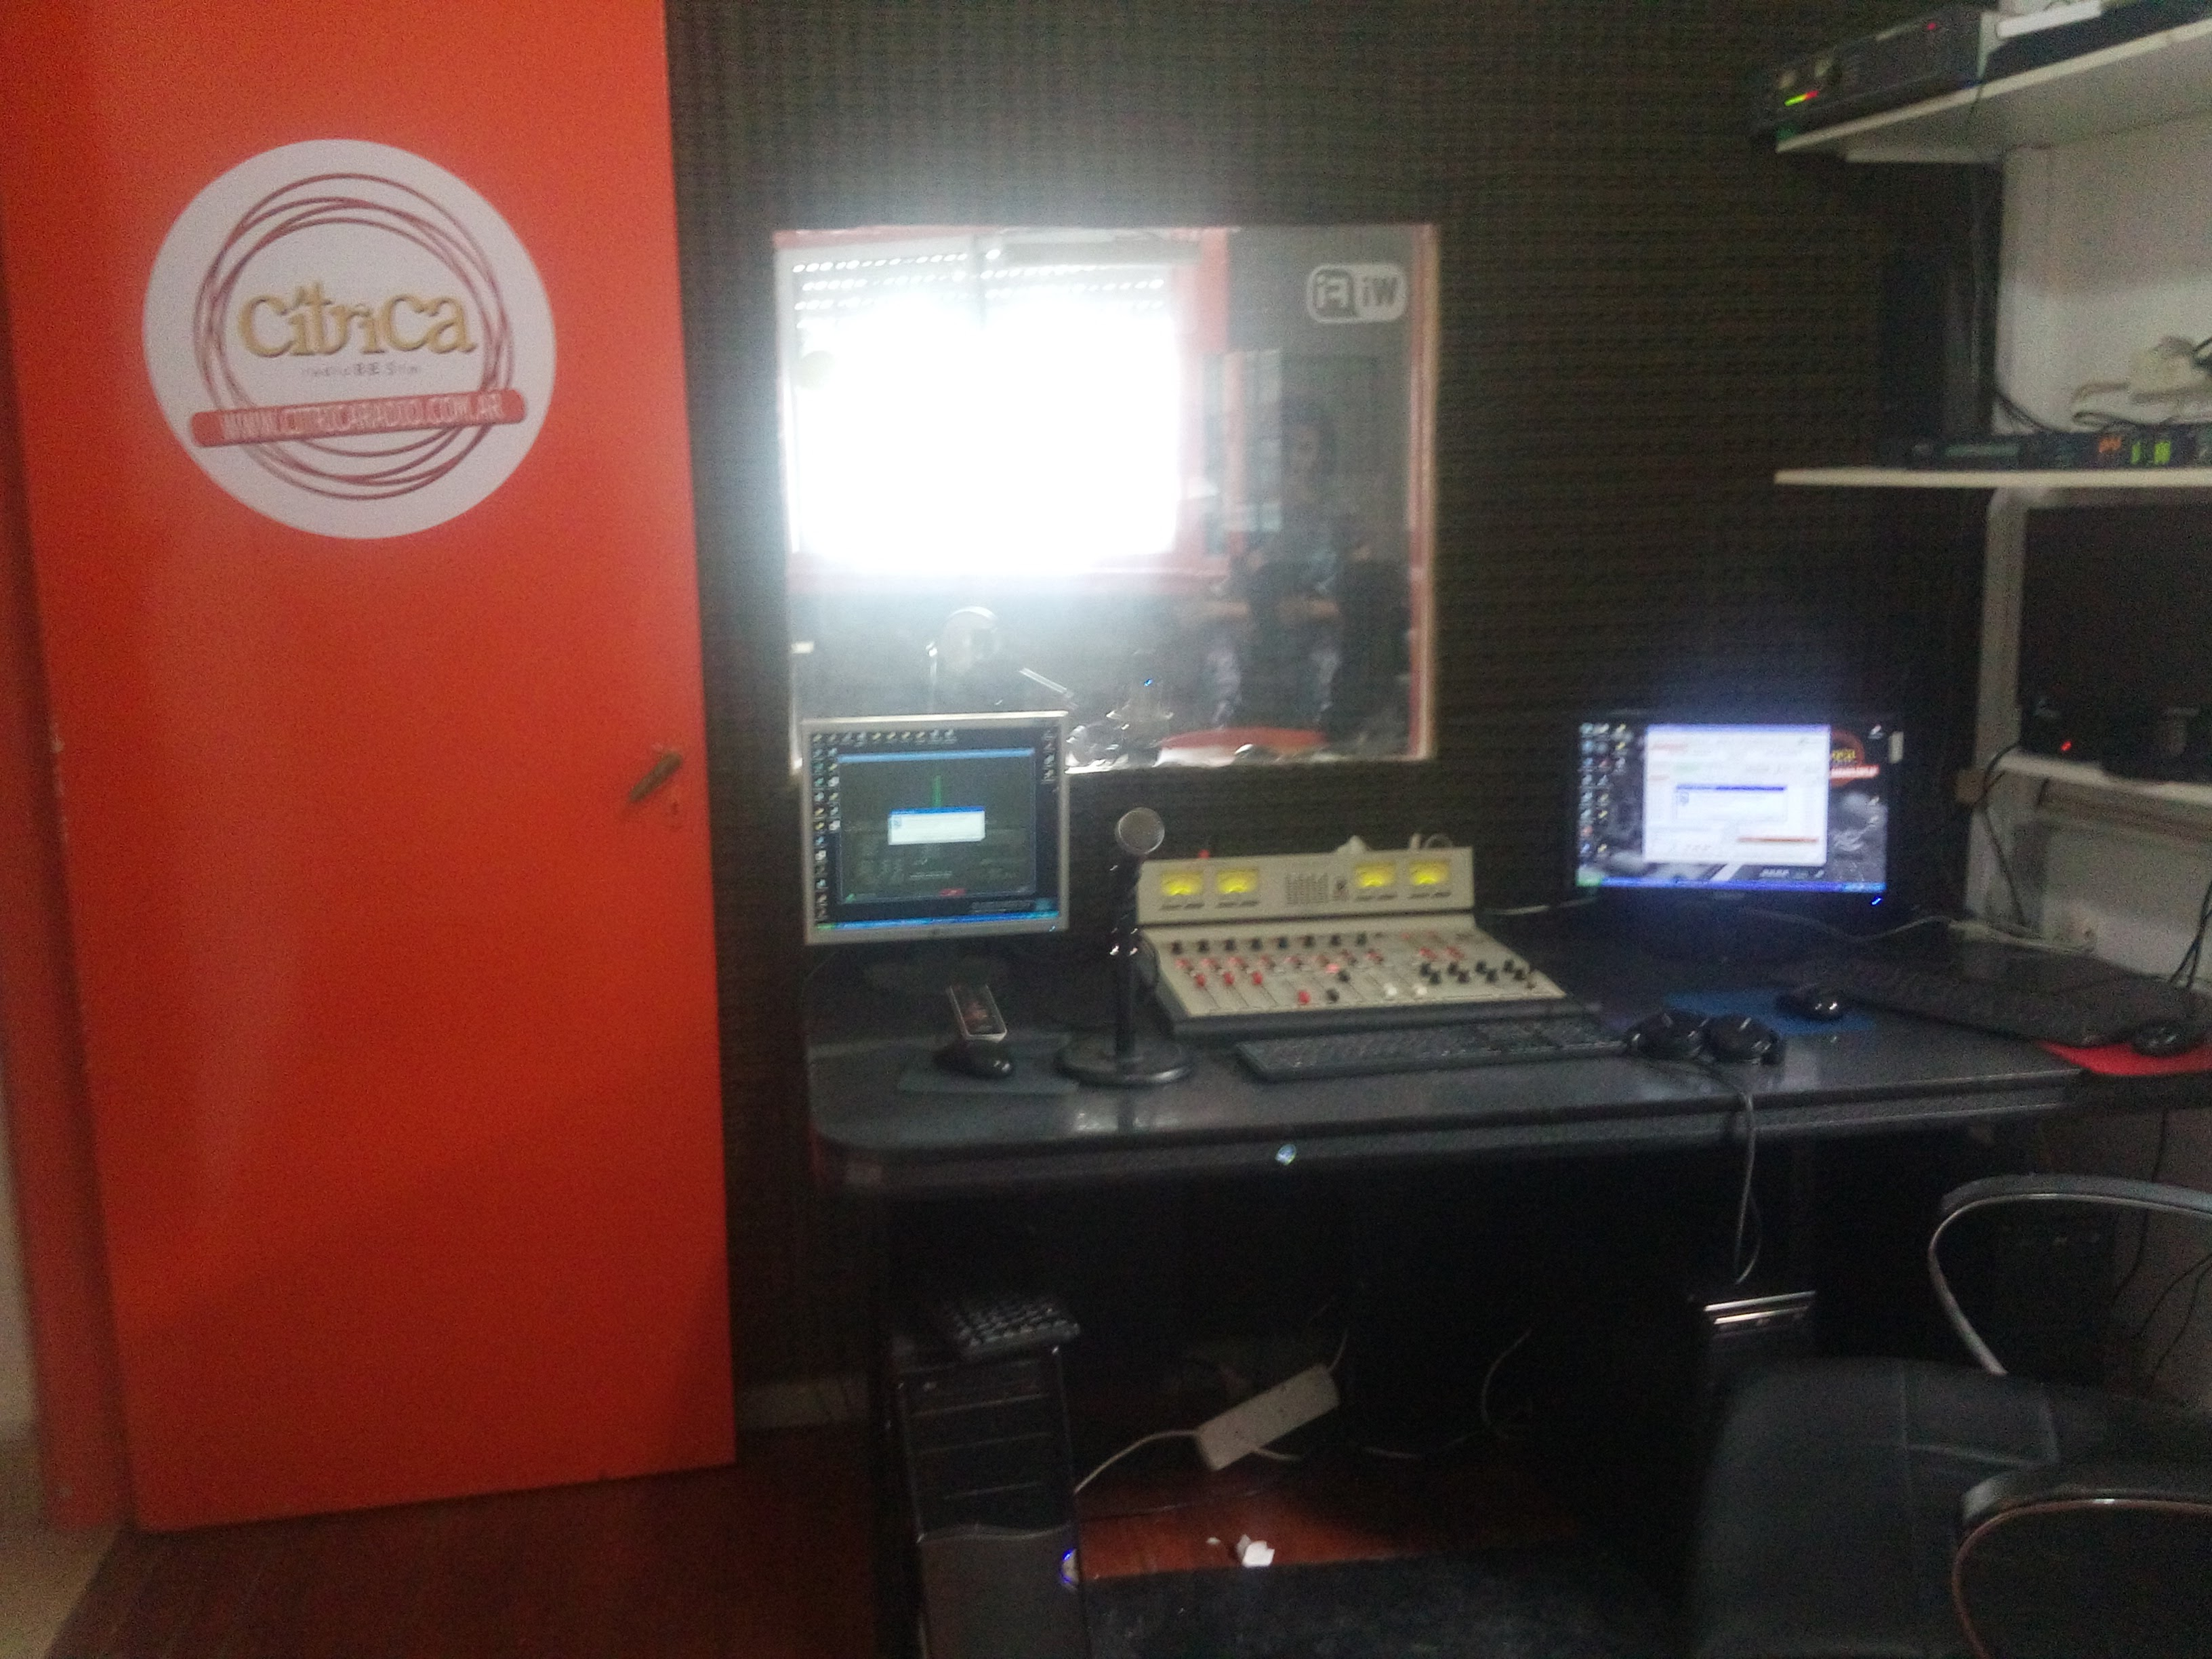 Cítrica 6 - Cítrica Radio